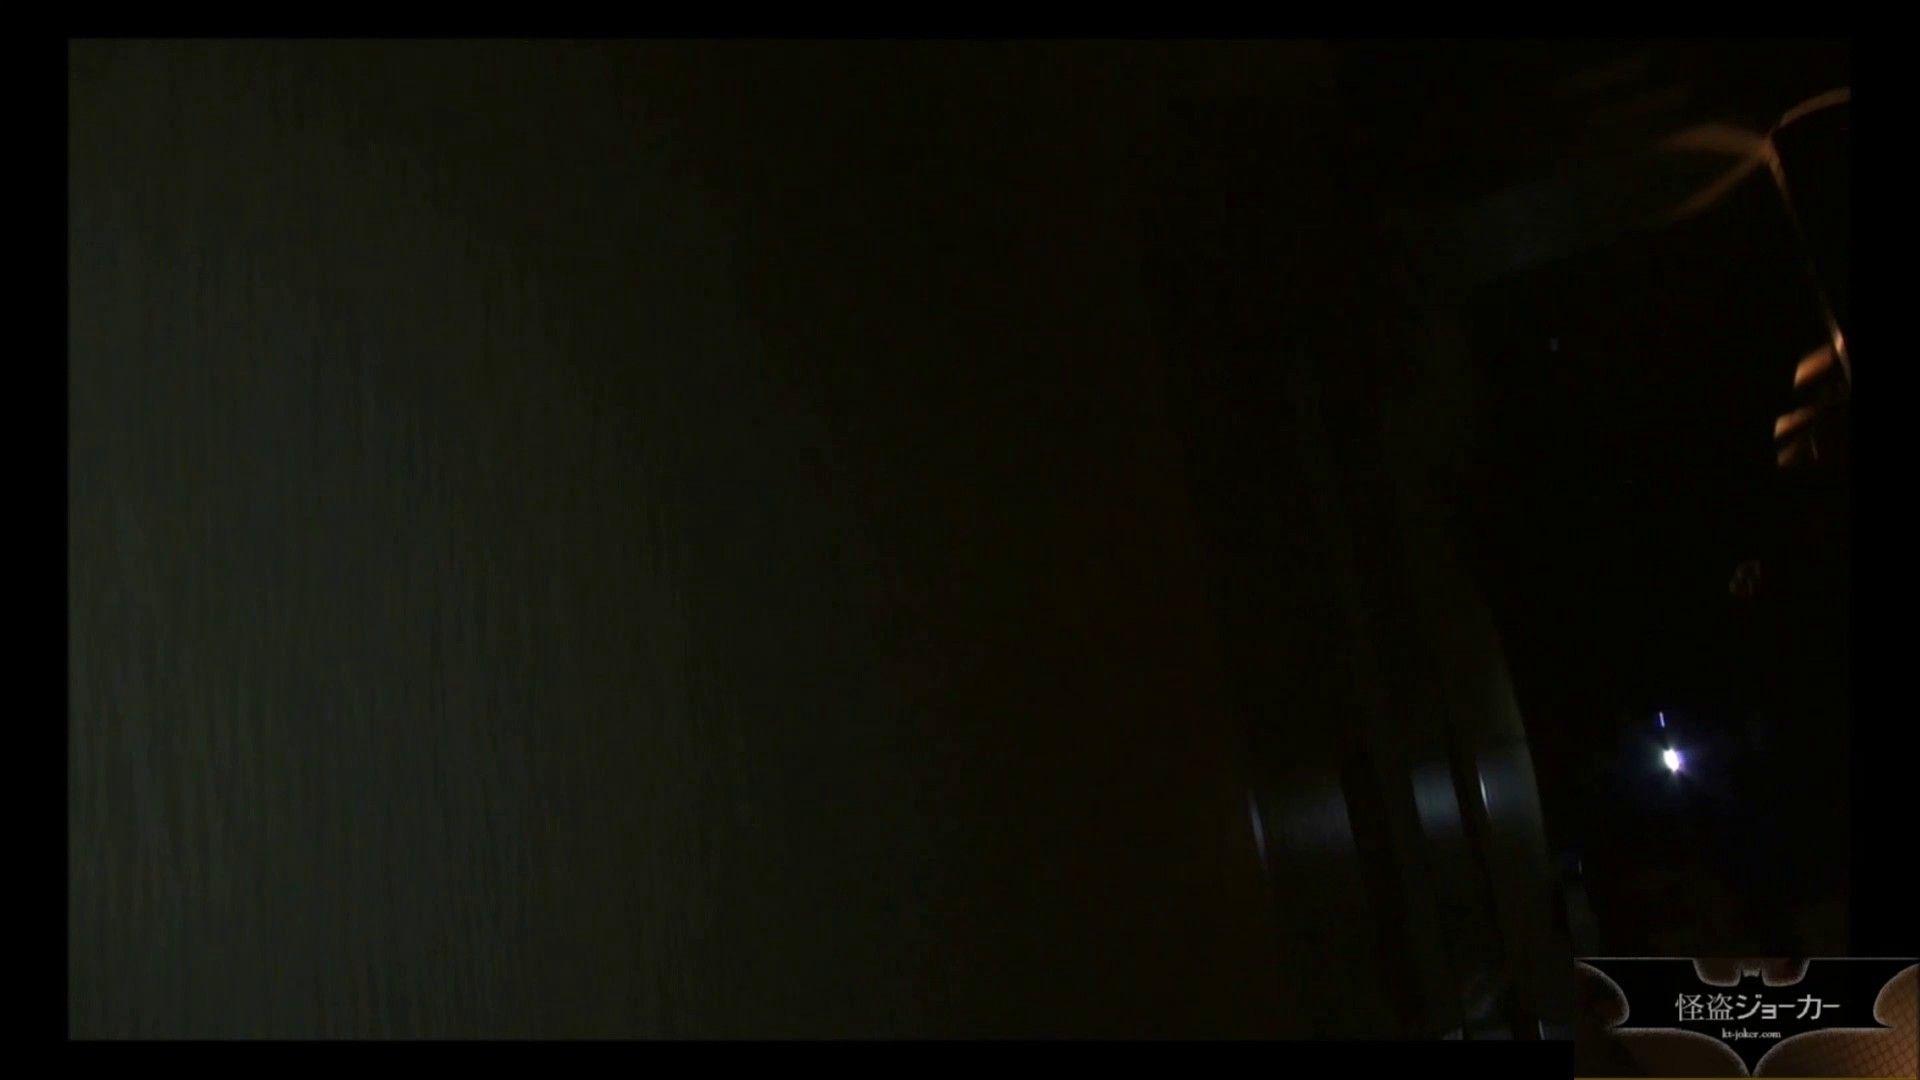 【未公開】vol.65 {黒髪美少女18歳}AIちゃん、連れ込み悪戯③ 反撃の悪戯 | OLの実態  93pic 73